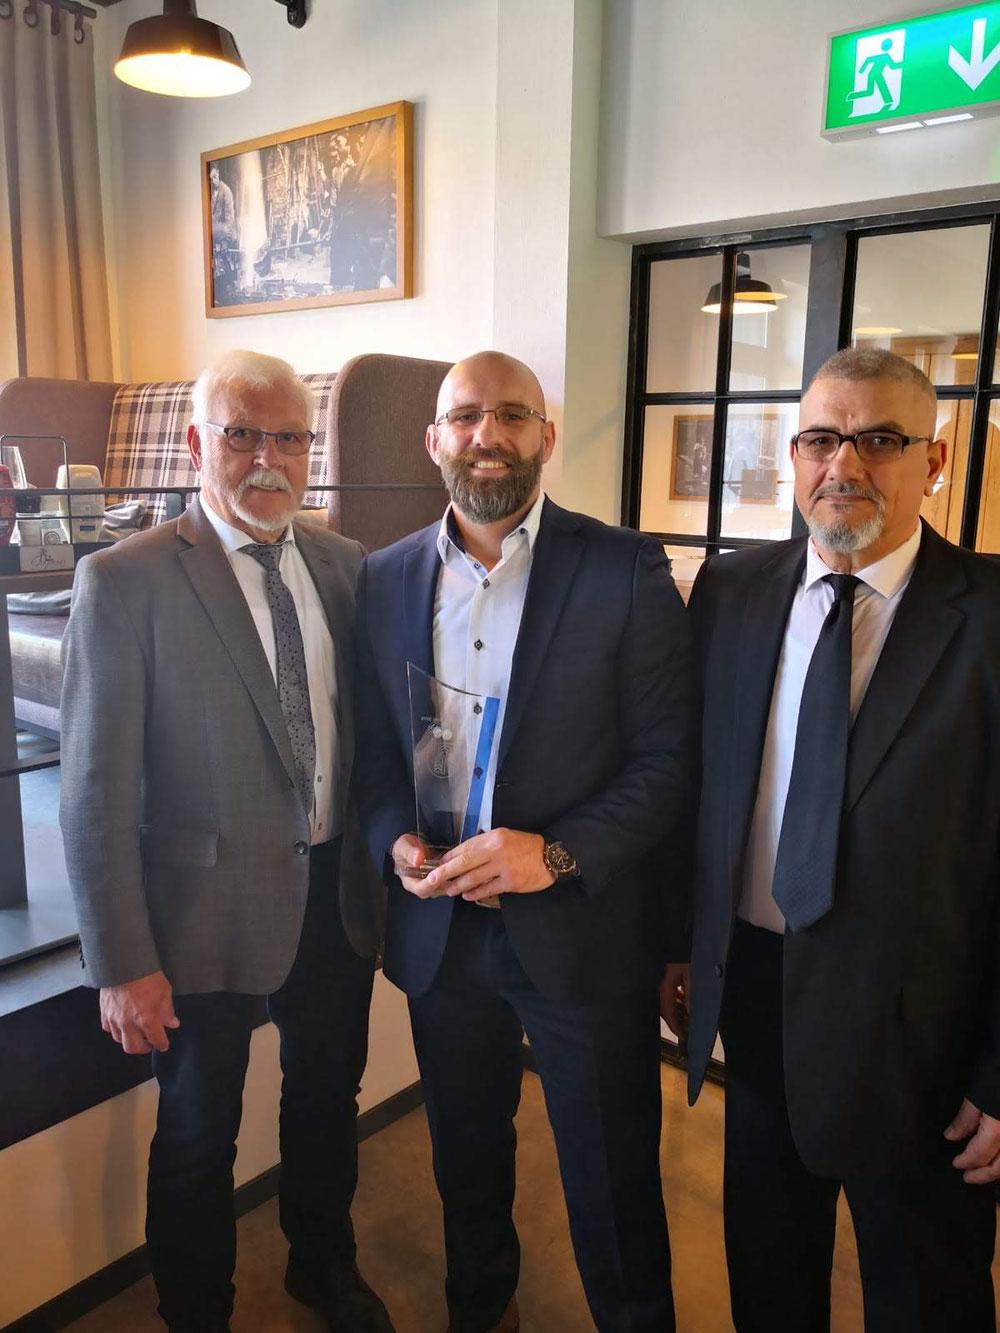 Petros zusammen mit seinen Vater Ioannis und den Vorsitzenden des Velberter Sportbundes Herrn Blau bei seiner Errung als Sportler des Jahres 2018